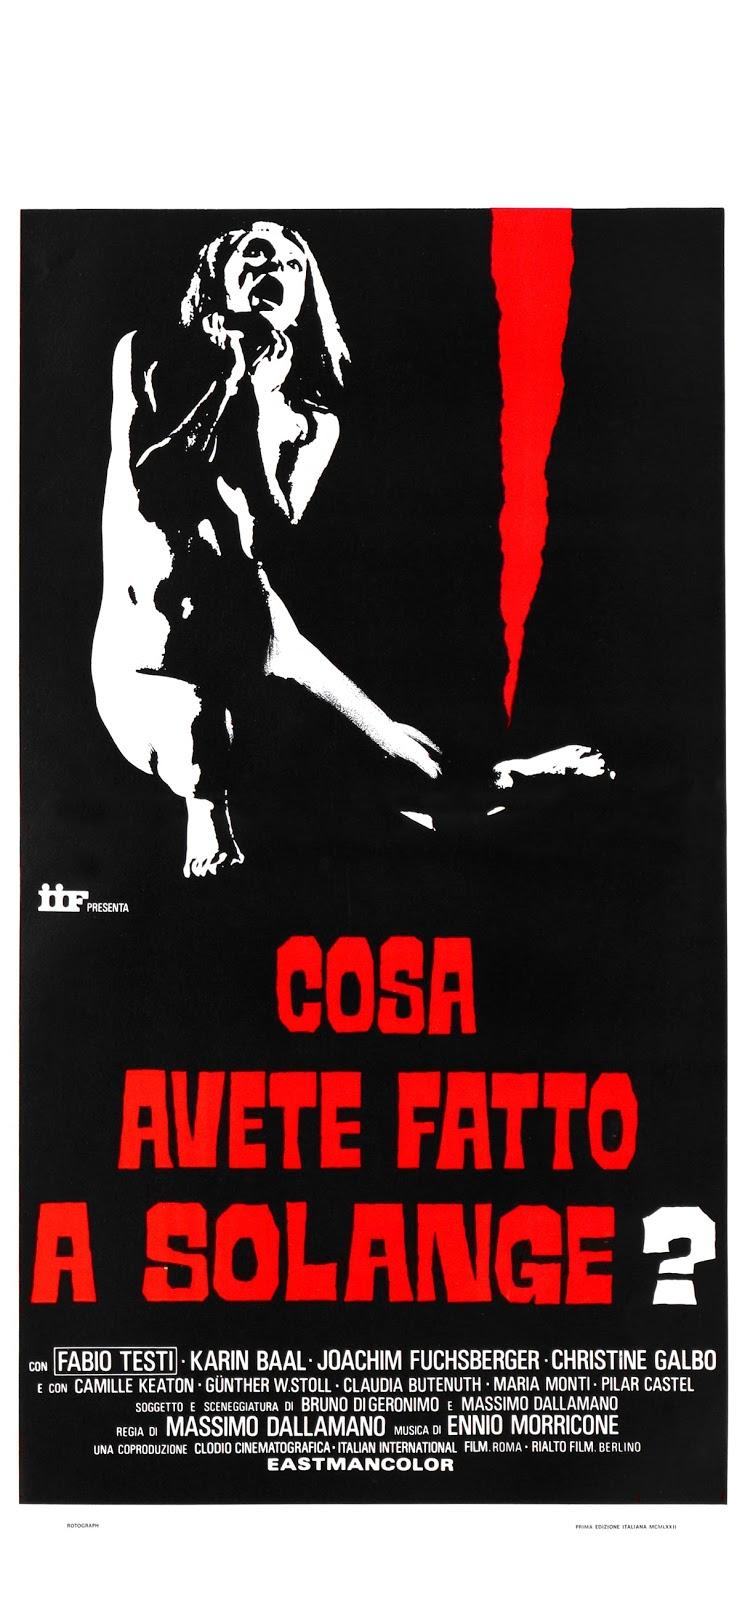 [SPECIALE] 10 film che hanno segnato lo sviluppo del Giallo in Italia. (1/2)